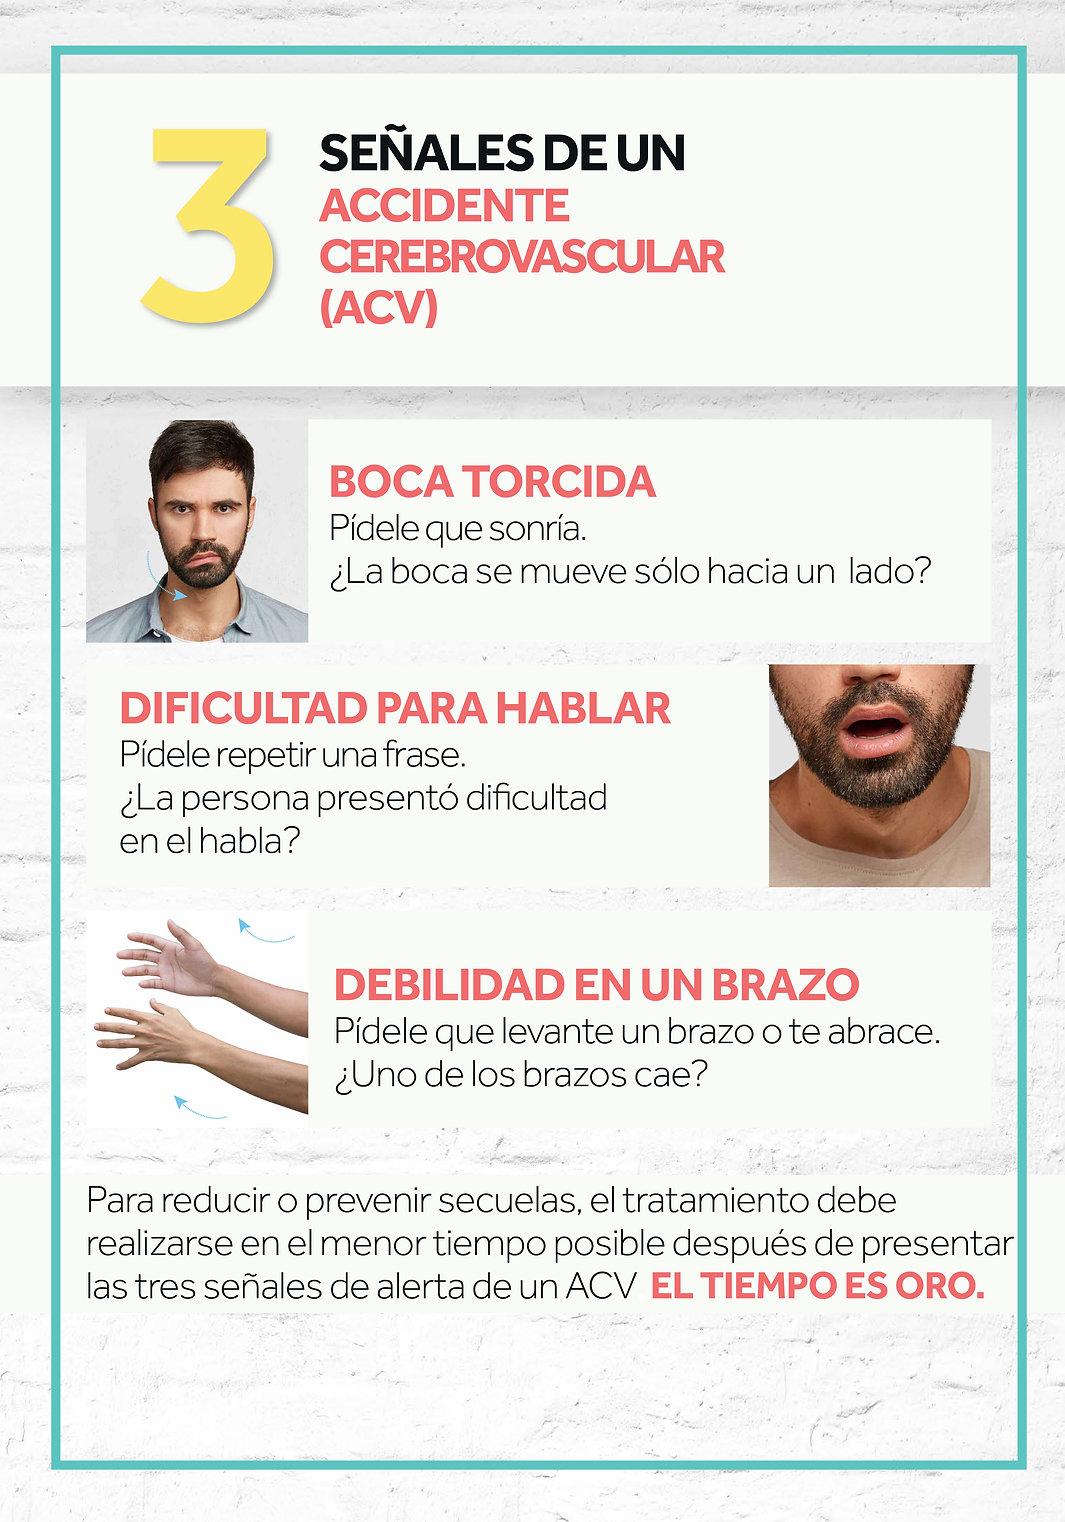 Poster las 3 señales de alerta_ES_2021-0